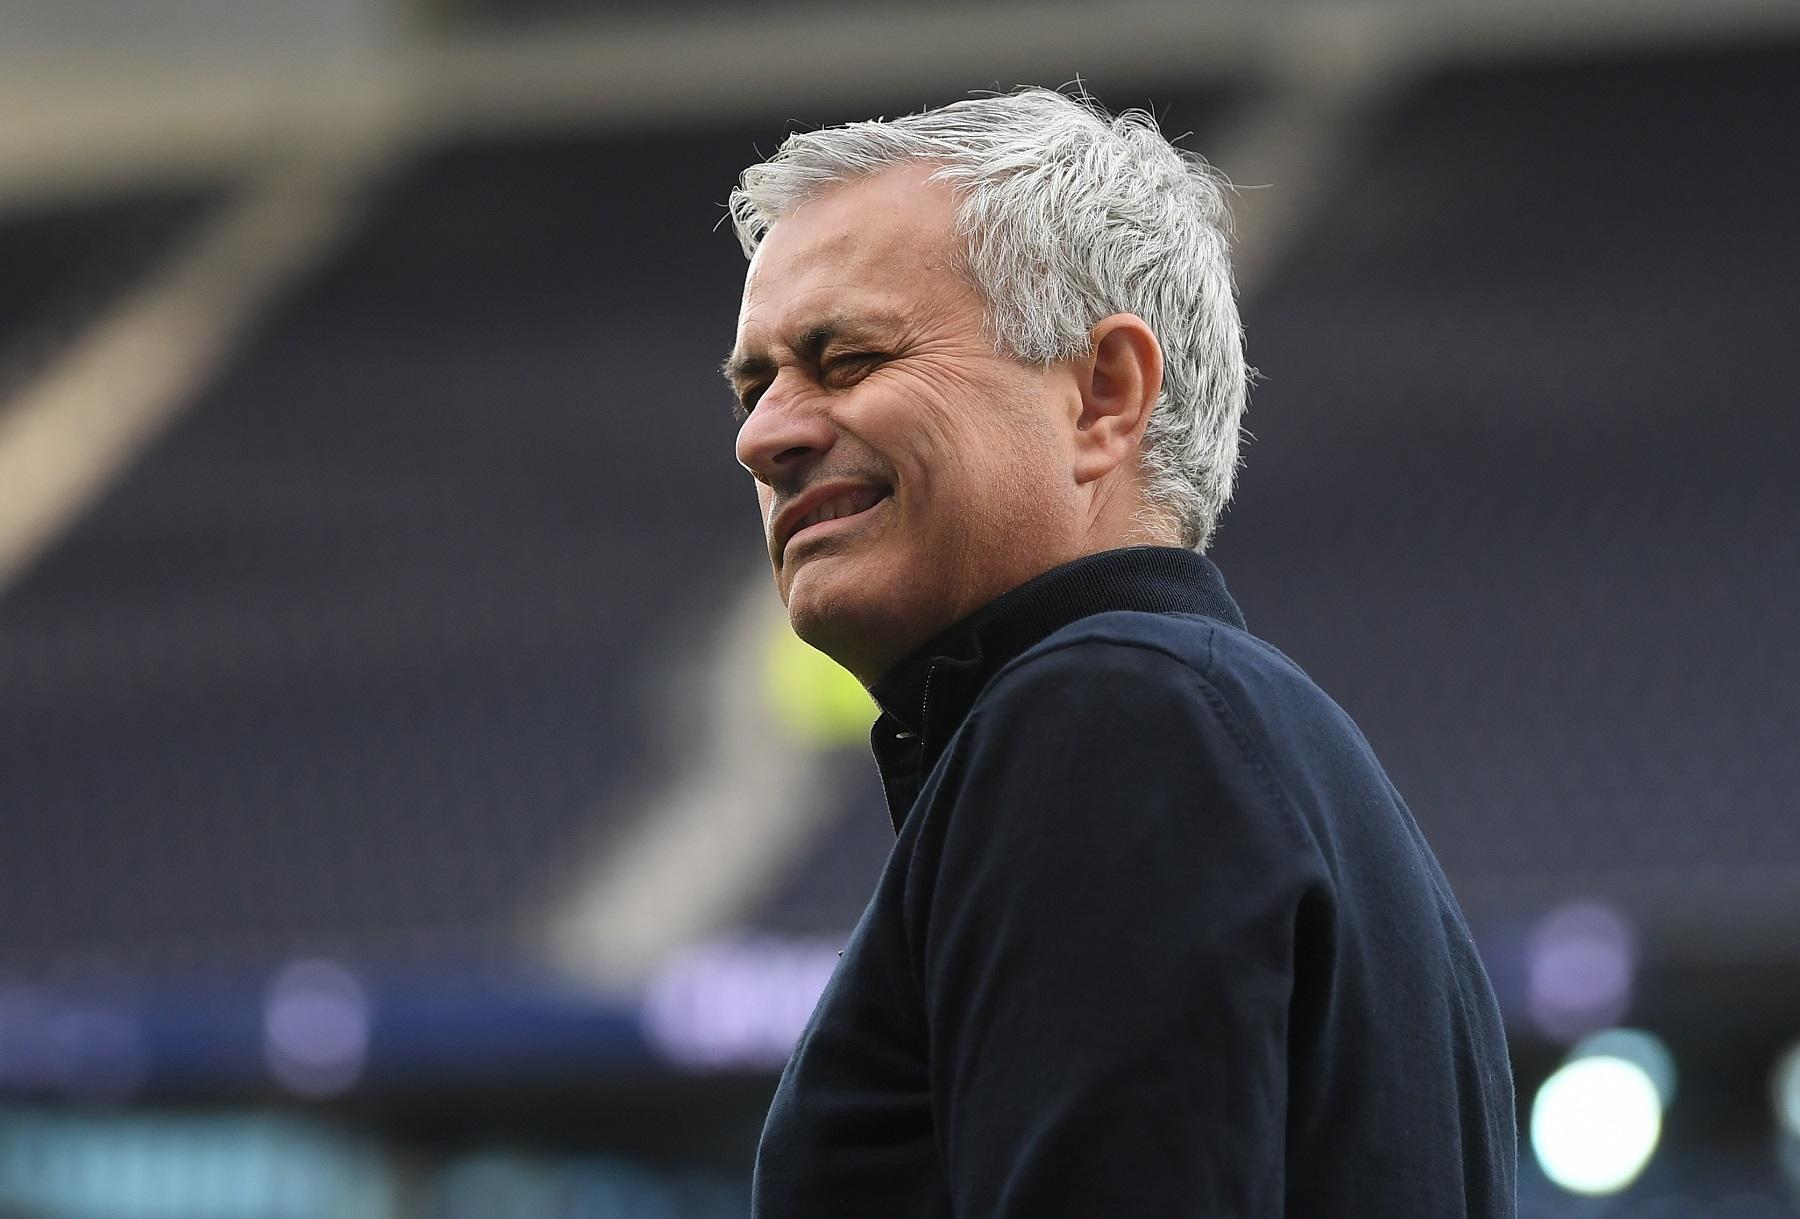 Tottenham Hotspur - Jose Mourinho